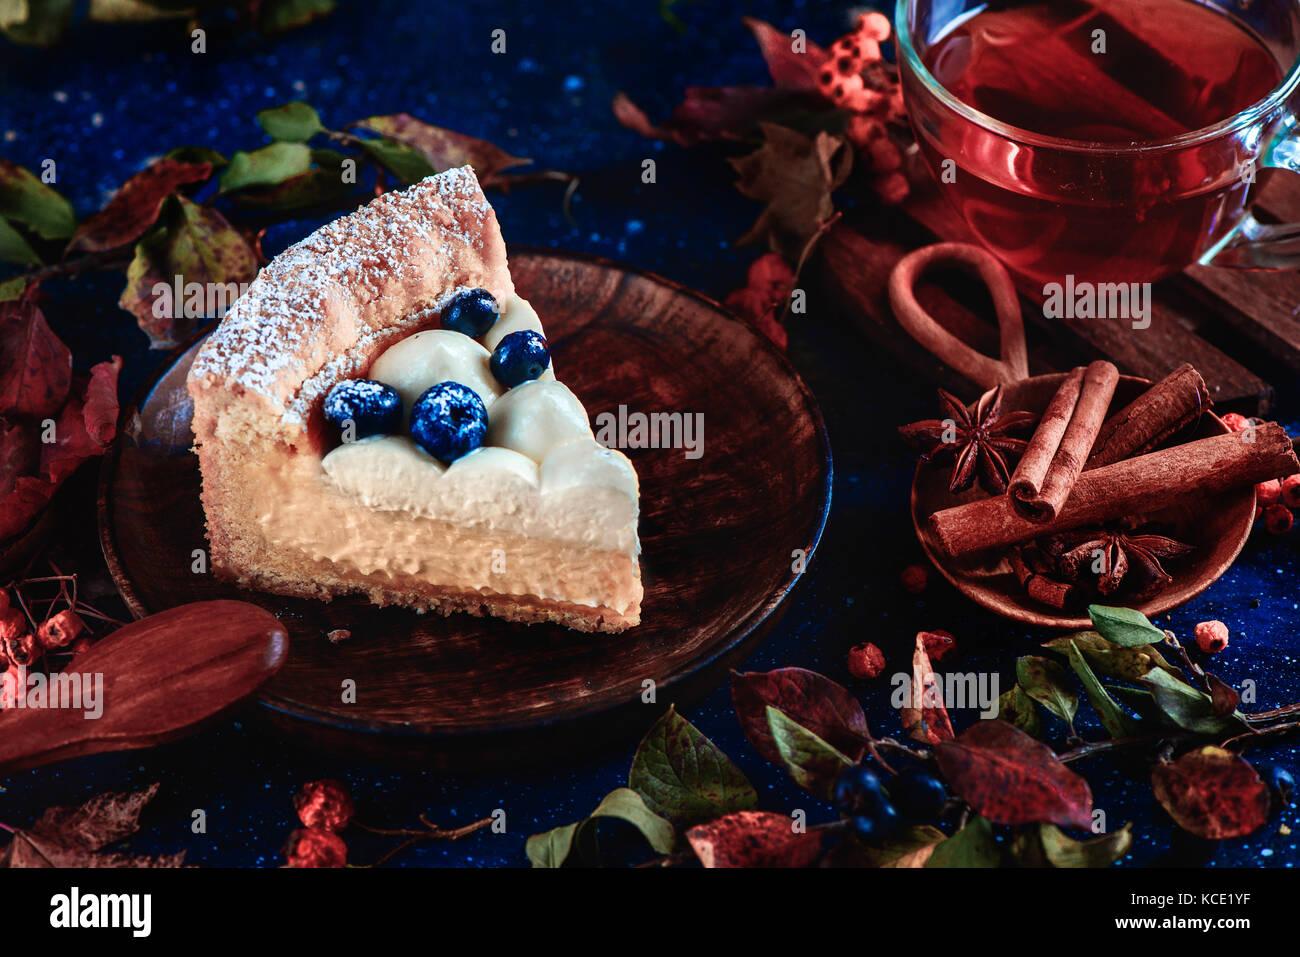 Hommemade Kruste Kuchen mit wipped Cream, Blaubeeren und Kürbispüree auf einem dunklen Hintergrund mit Stockbild